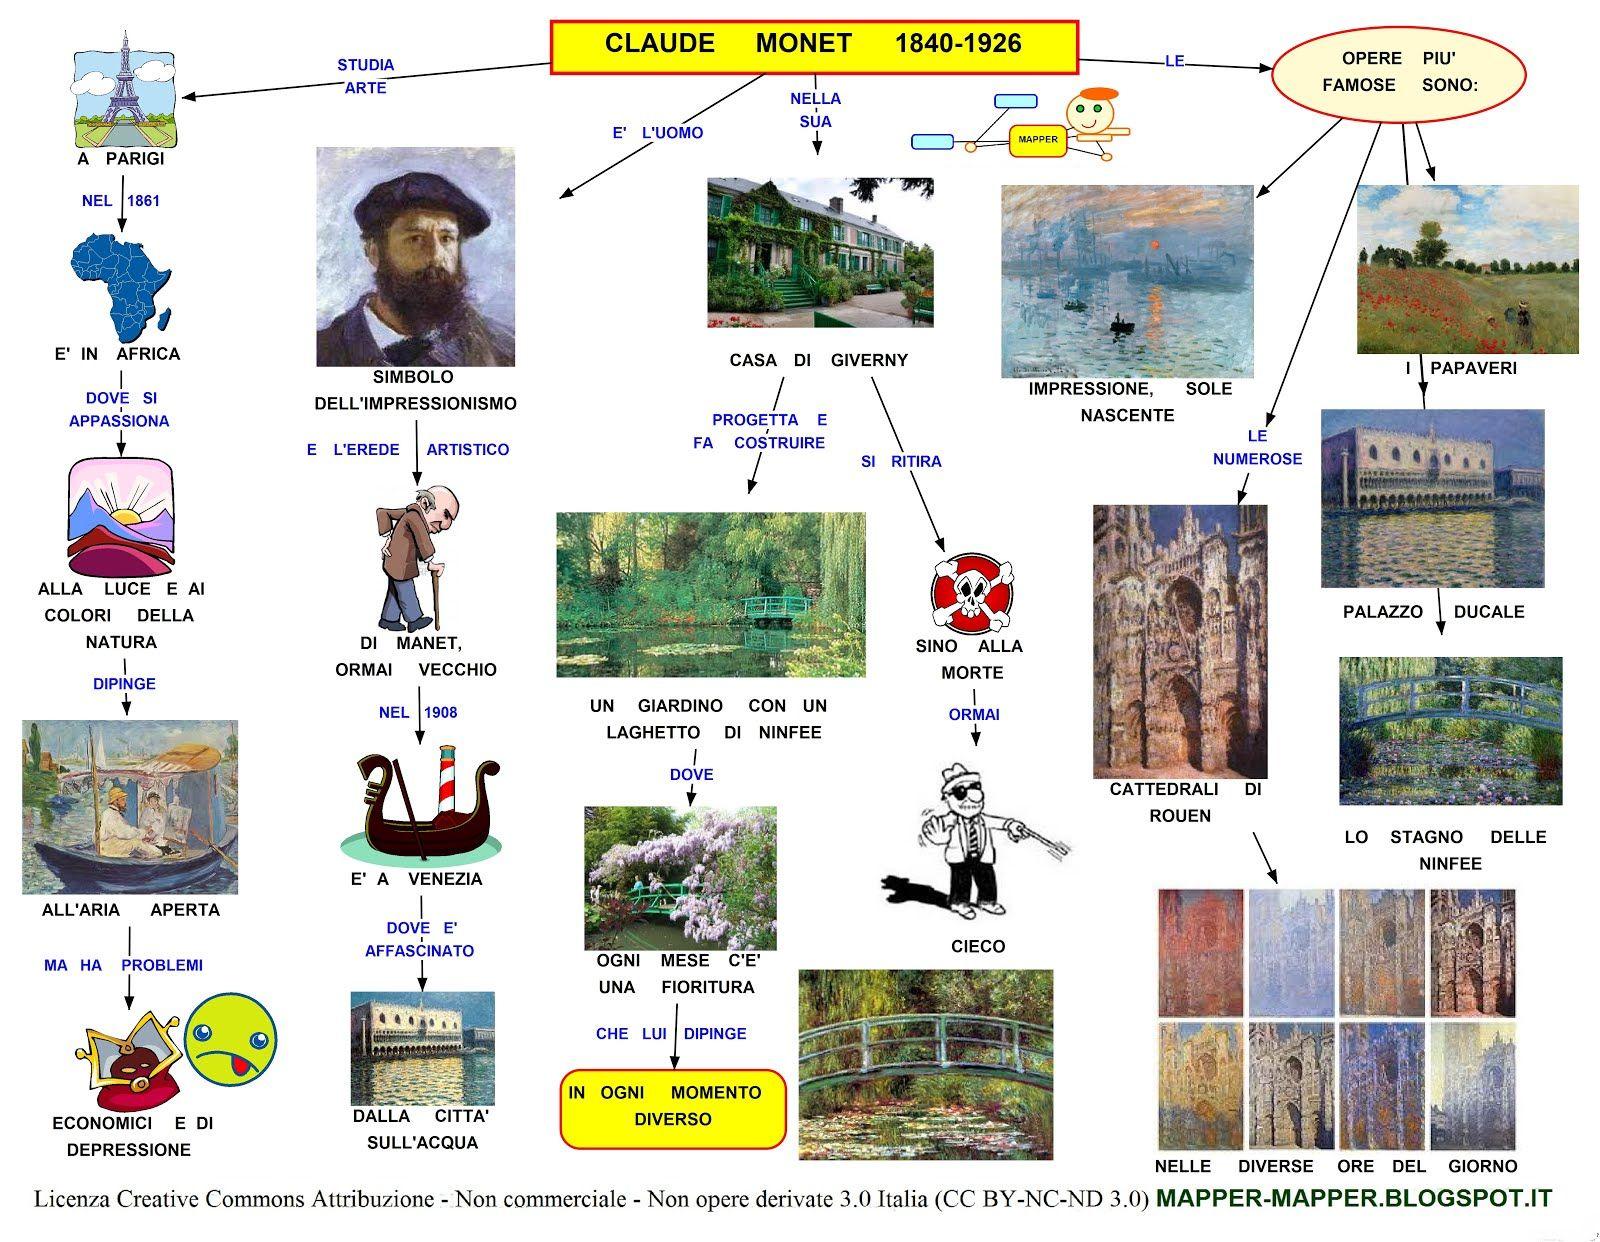 Monet Mappa Concettuale